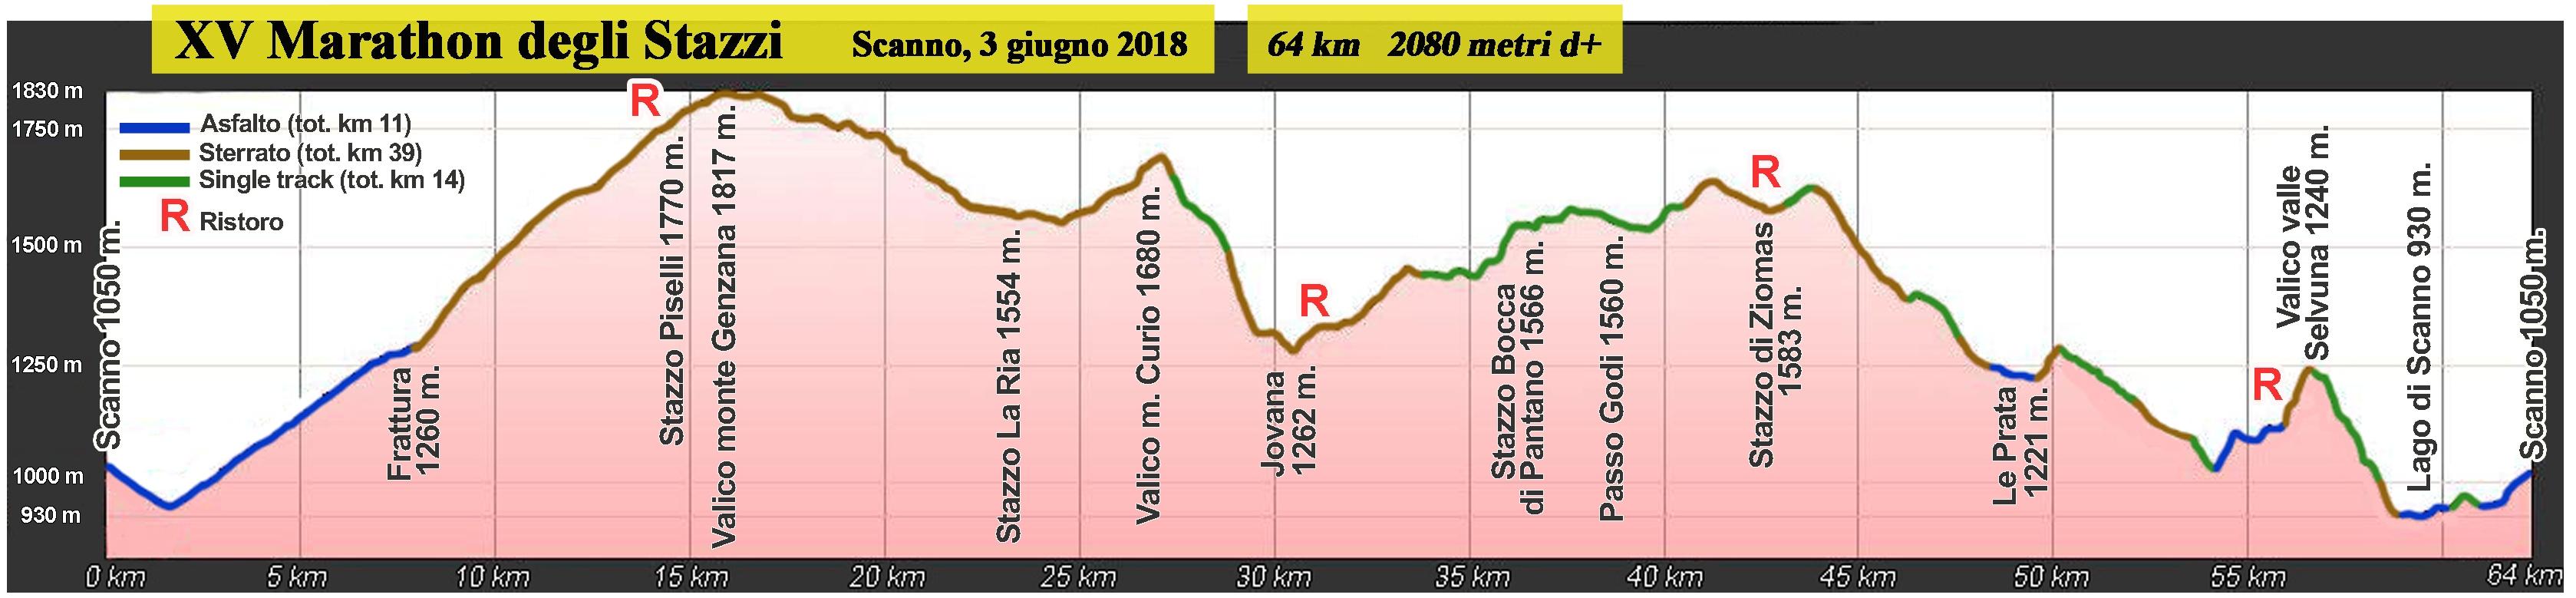 altimetria 2018 Marathon